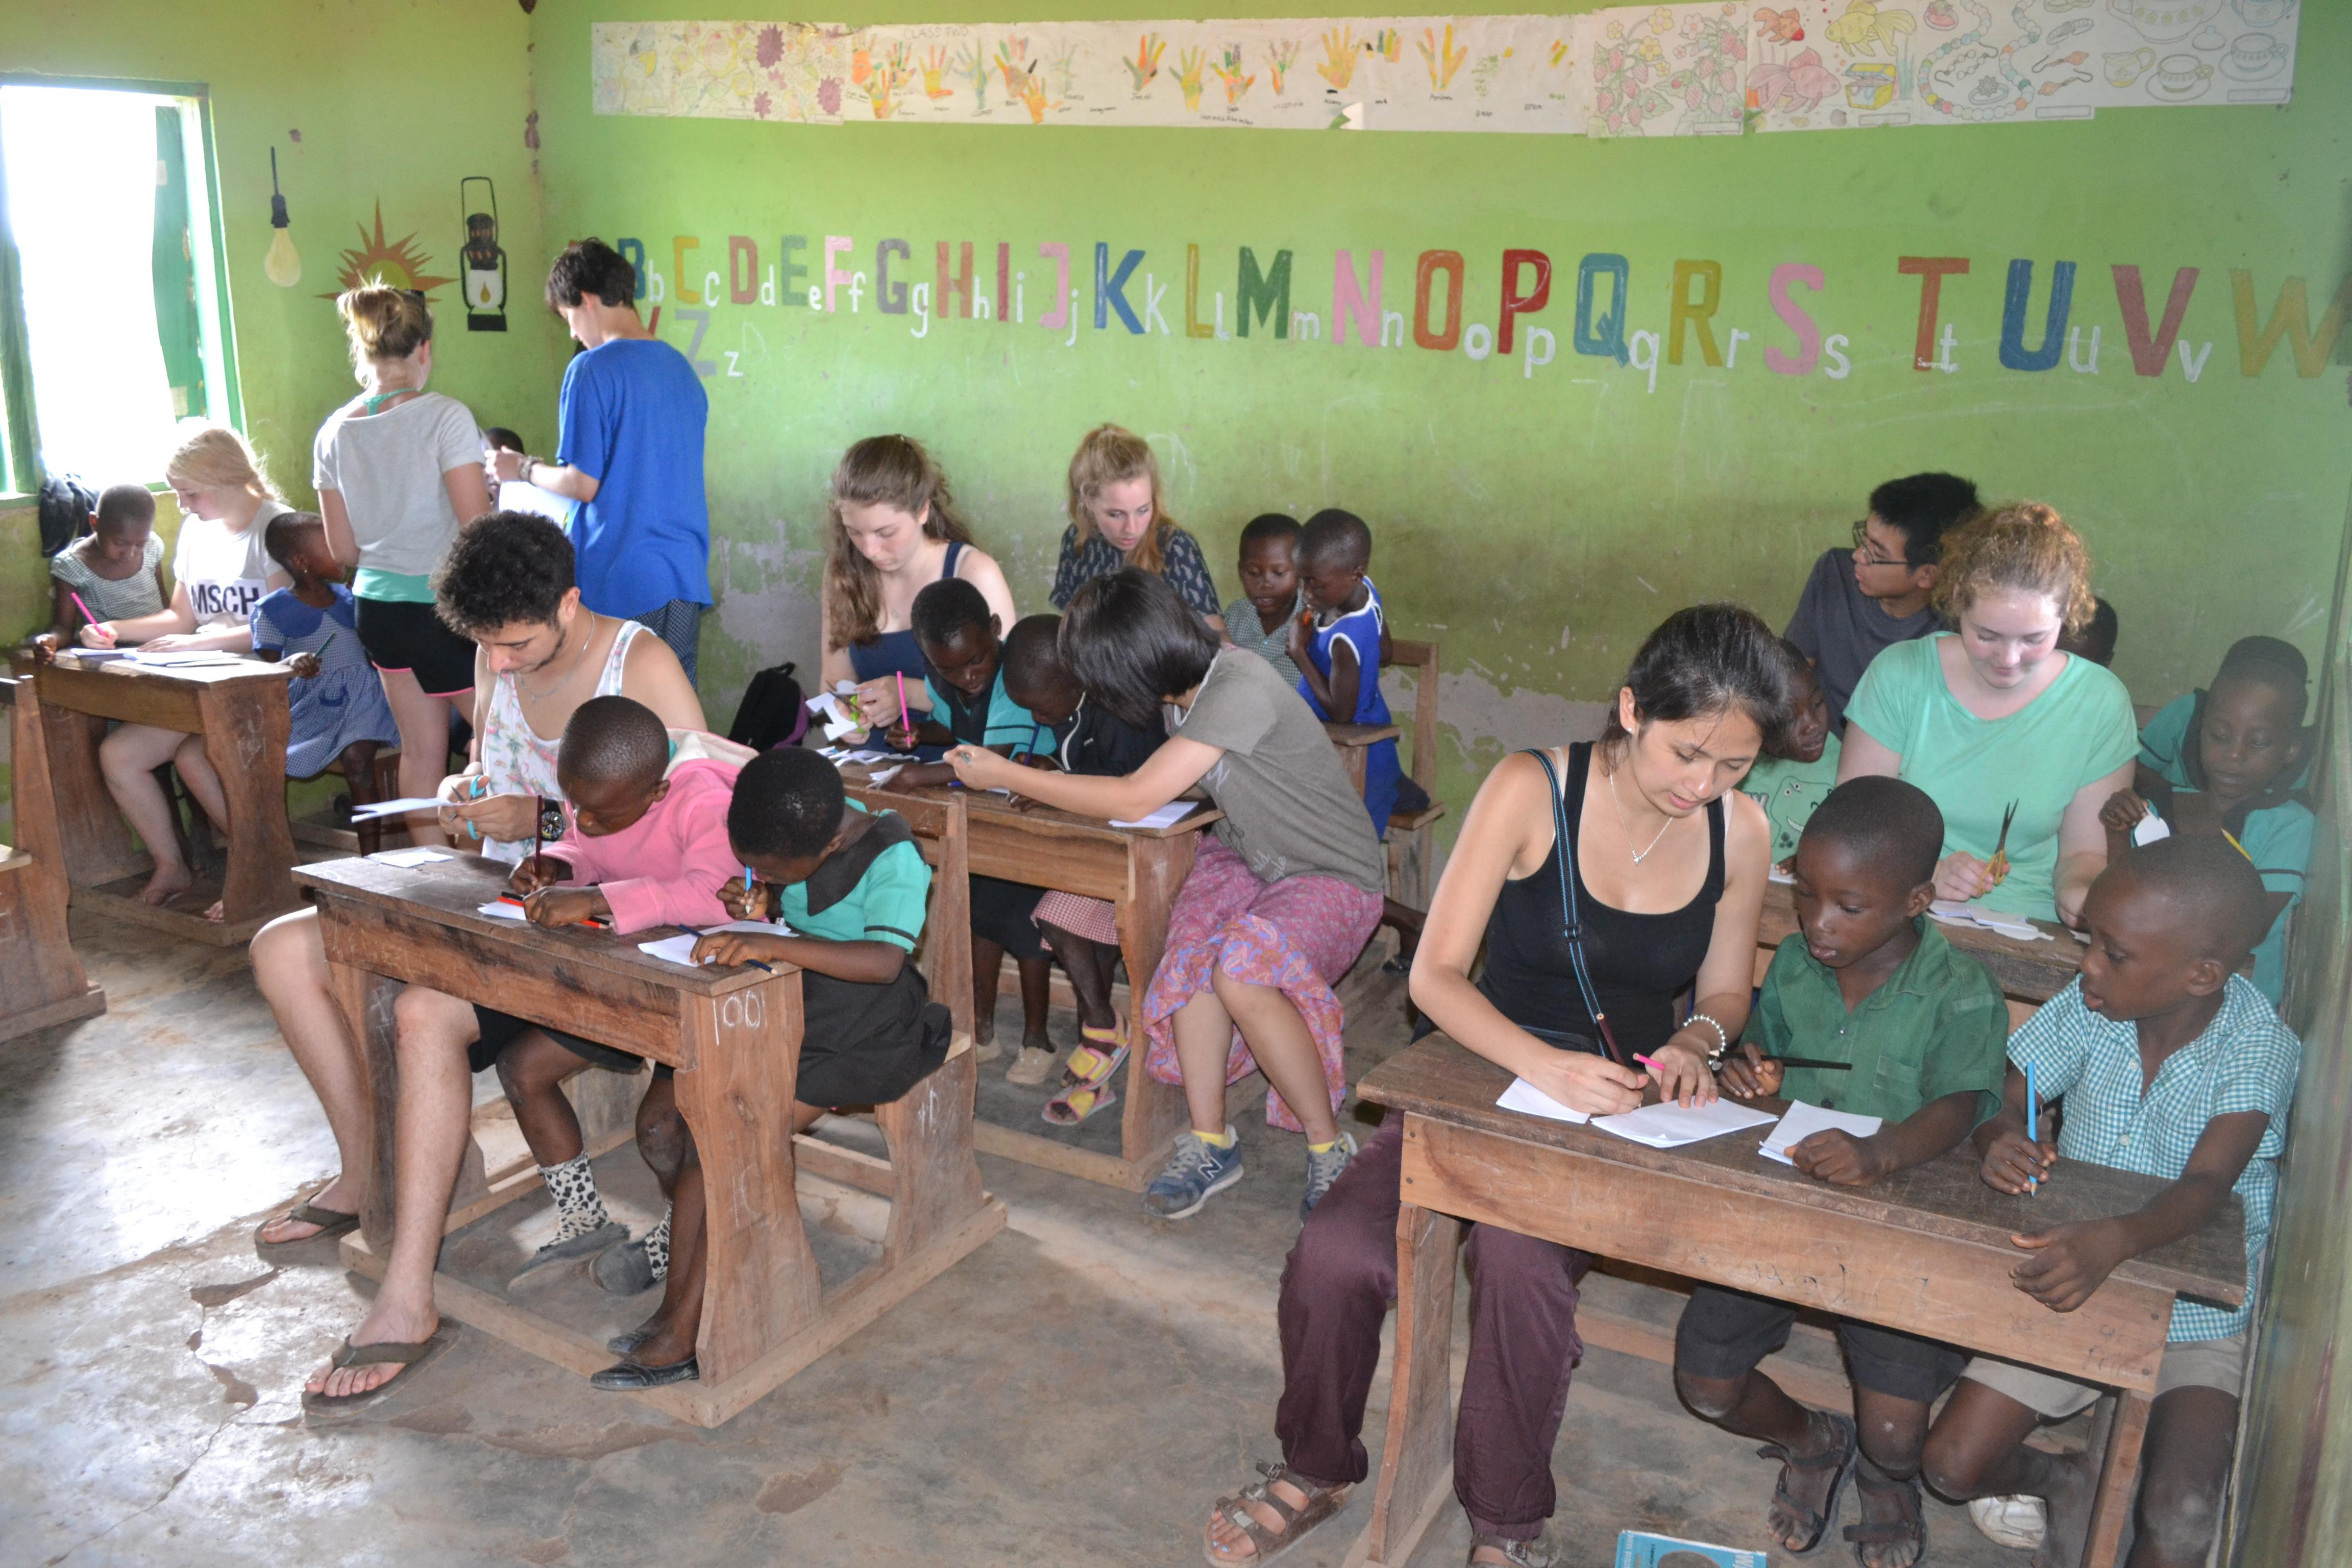 Voluntarias sociales ayudando a los estudiantes con una actividad.